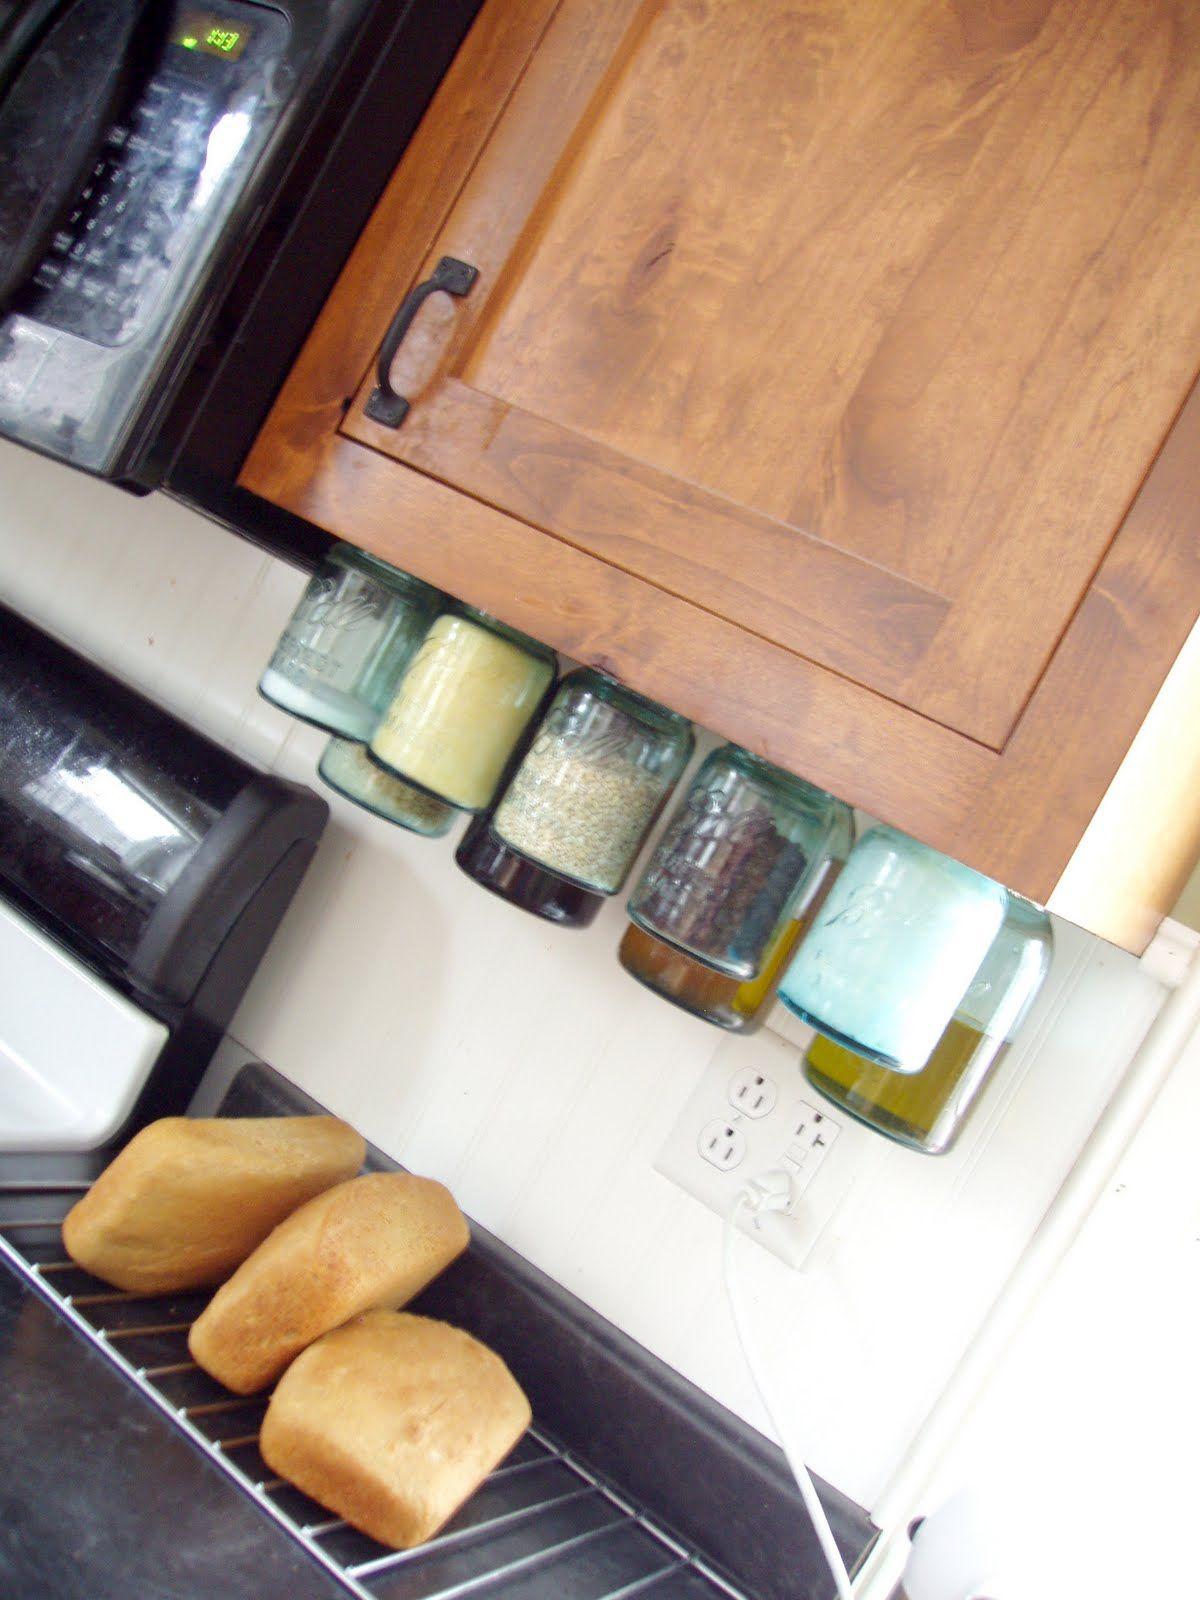 организация пространства на кухне фото 10